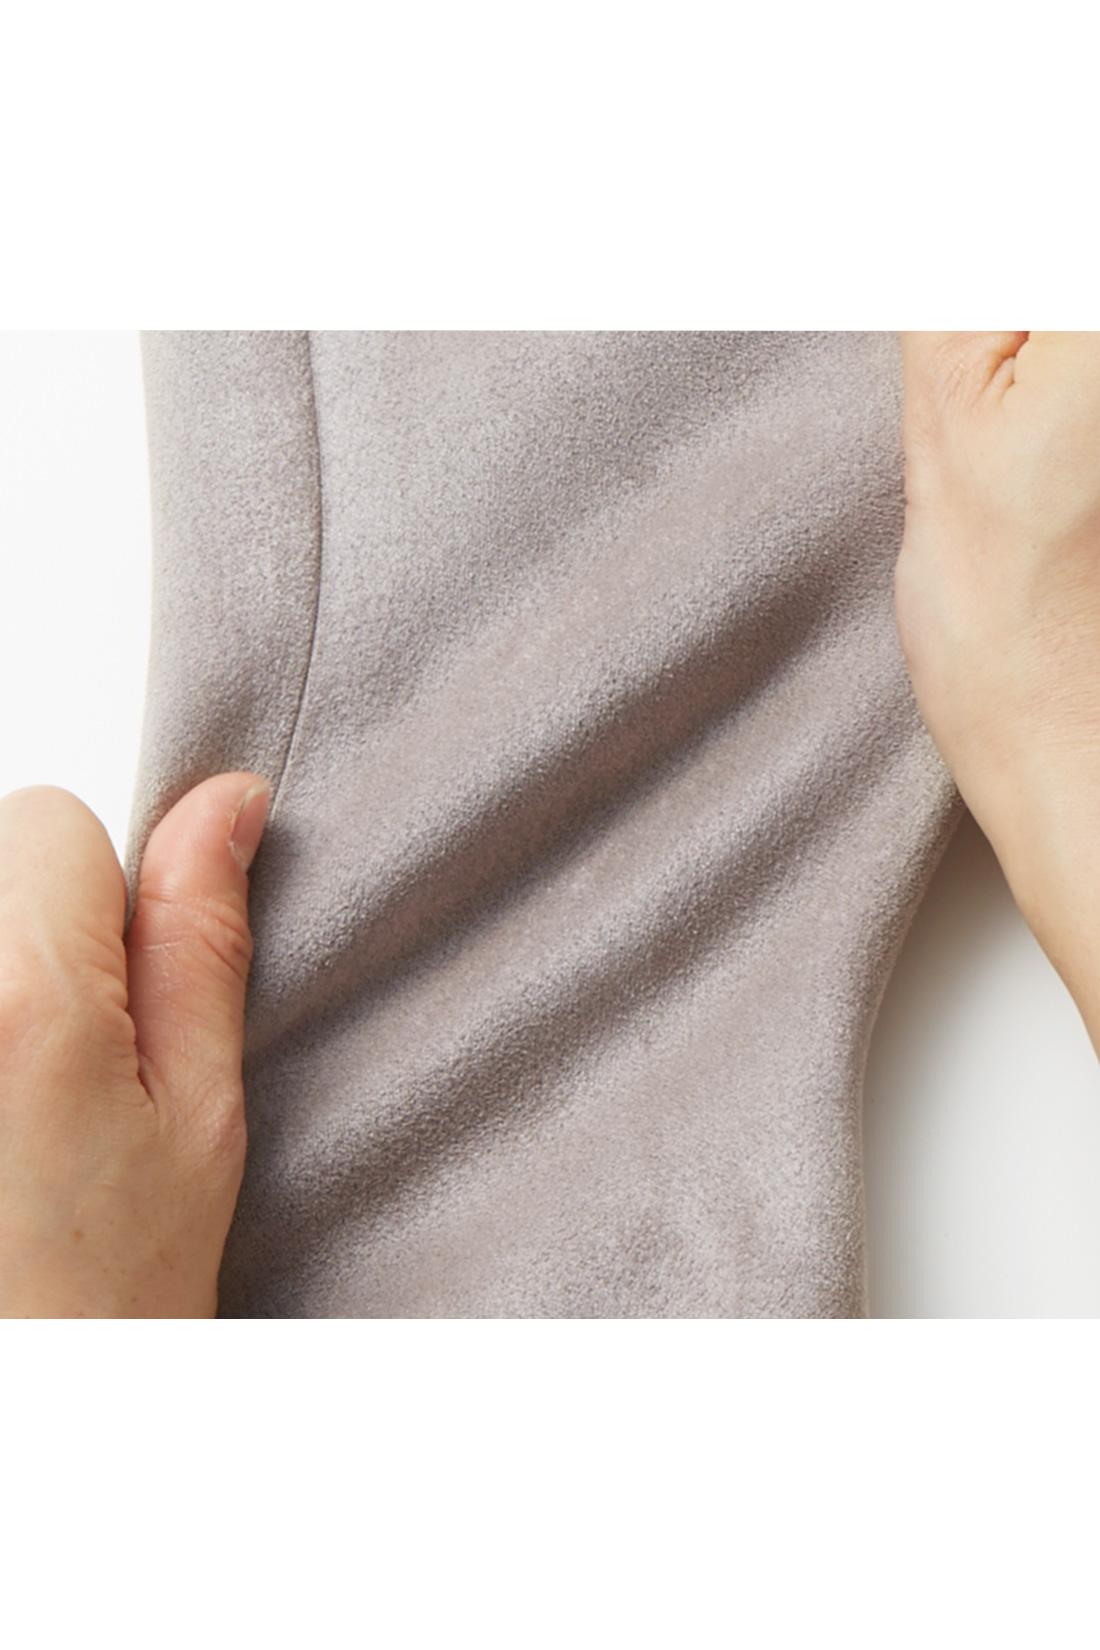 シルエットはコンパクトでもストレッチで快適 からだをきれいに見せる、やや細身のシルエットながら、ストレッチ素材で窮屈感なし。